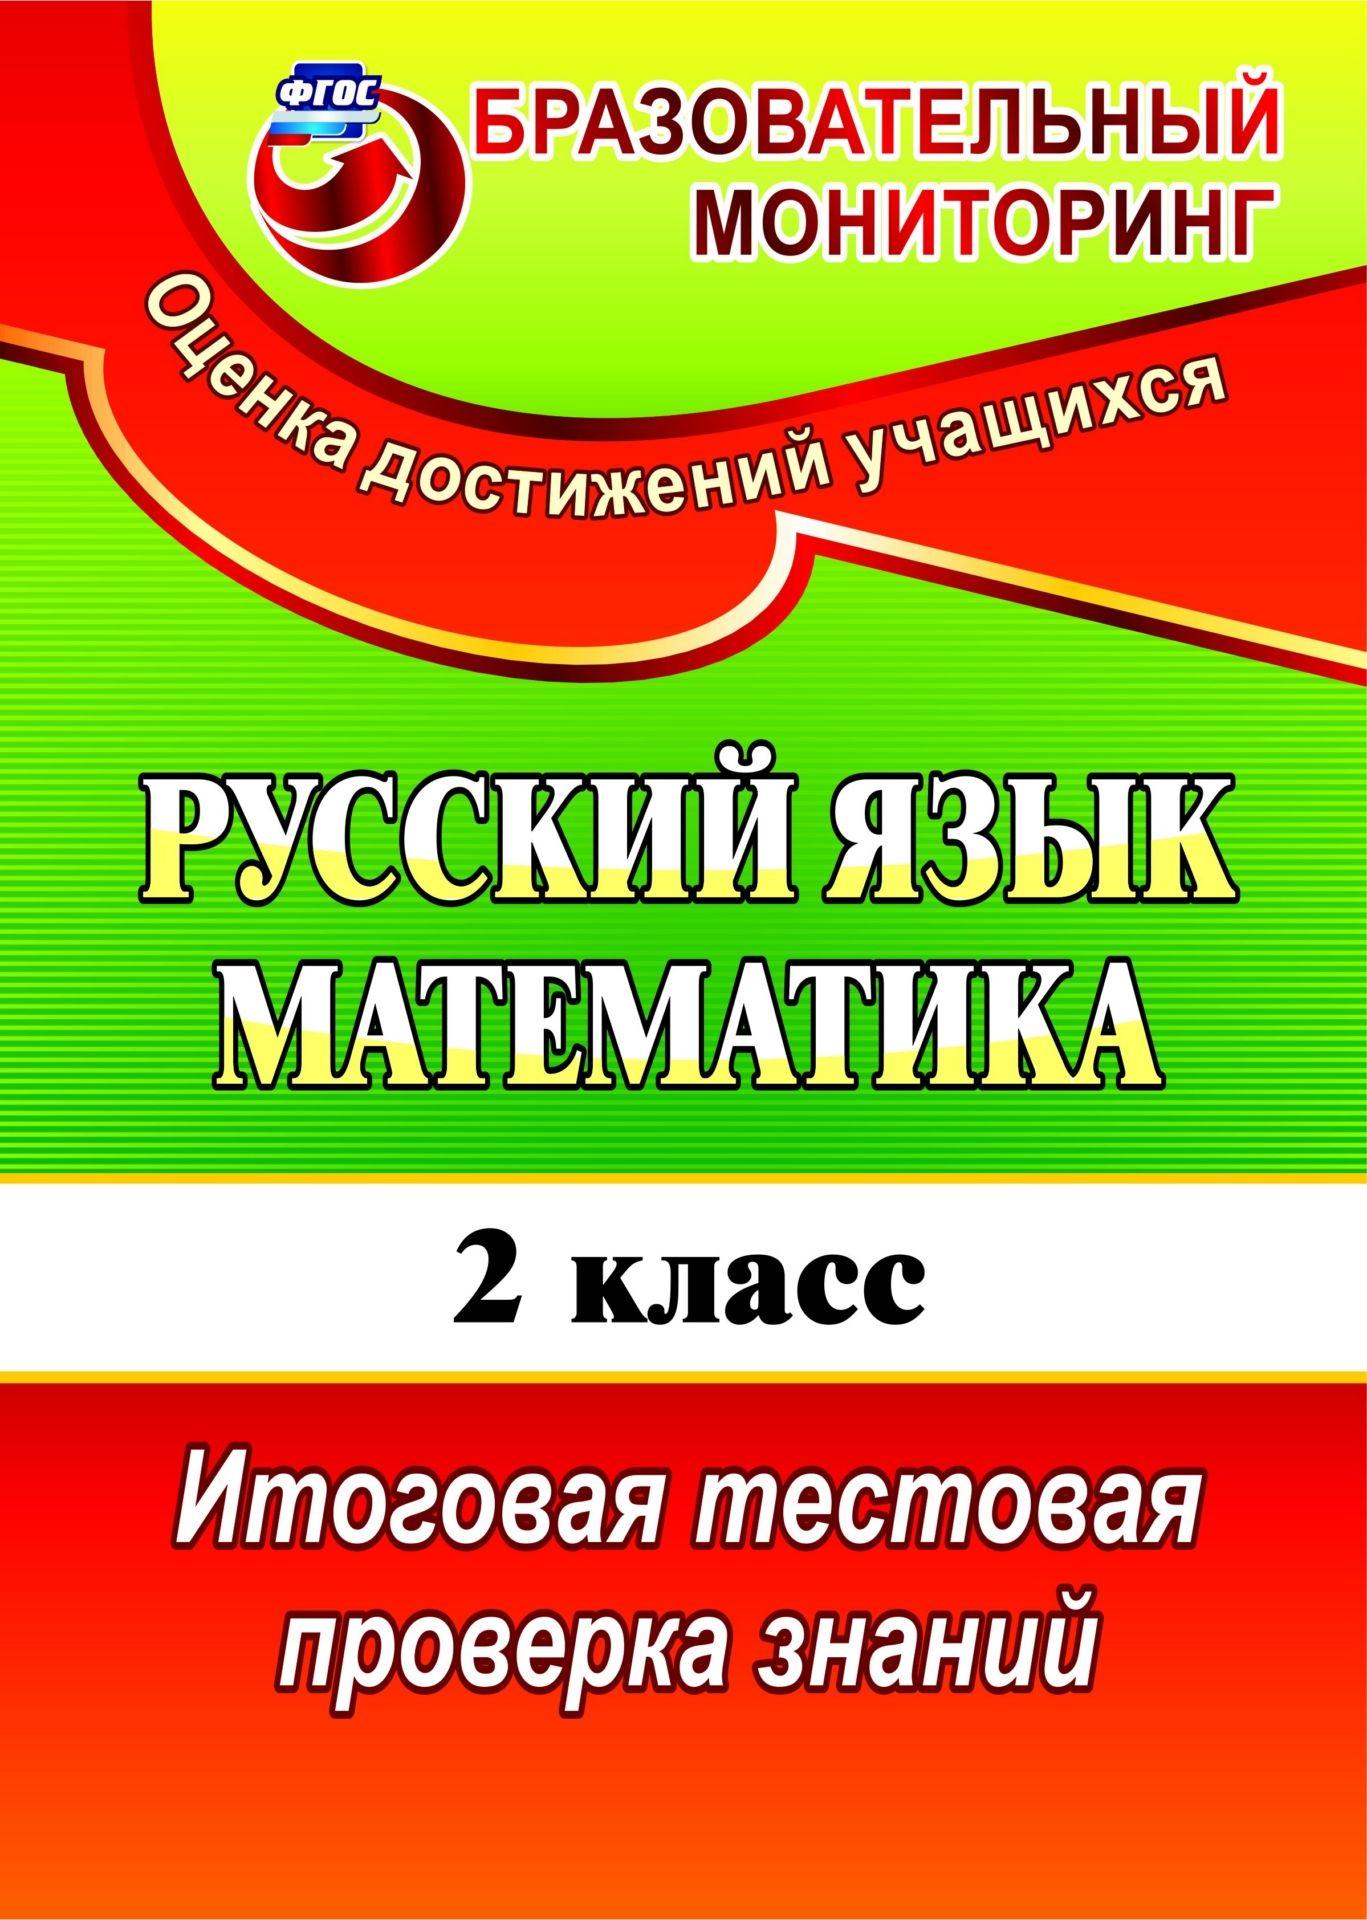 Русский язык. Математика. 2 класс: итоговая тестовая проверка знаний